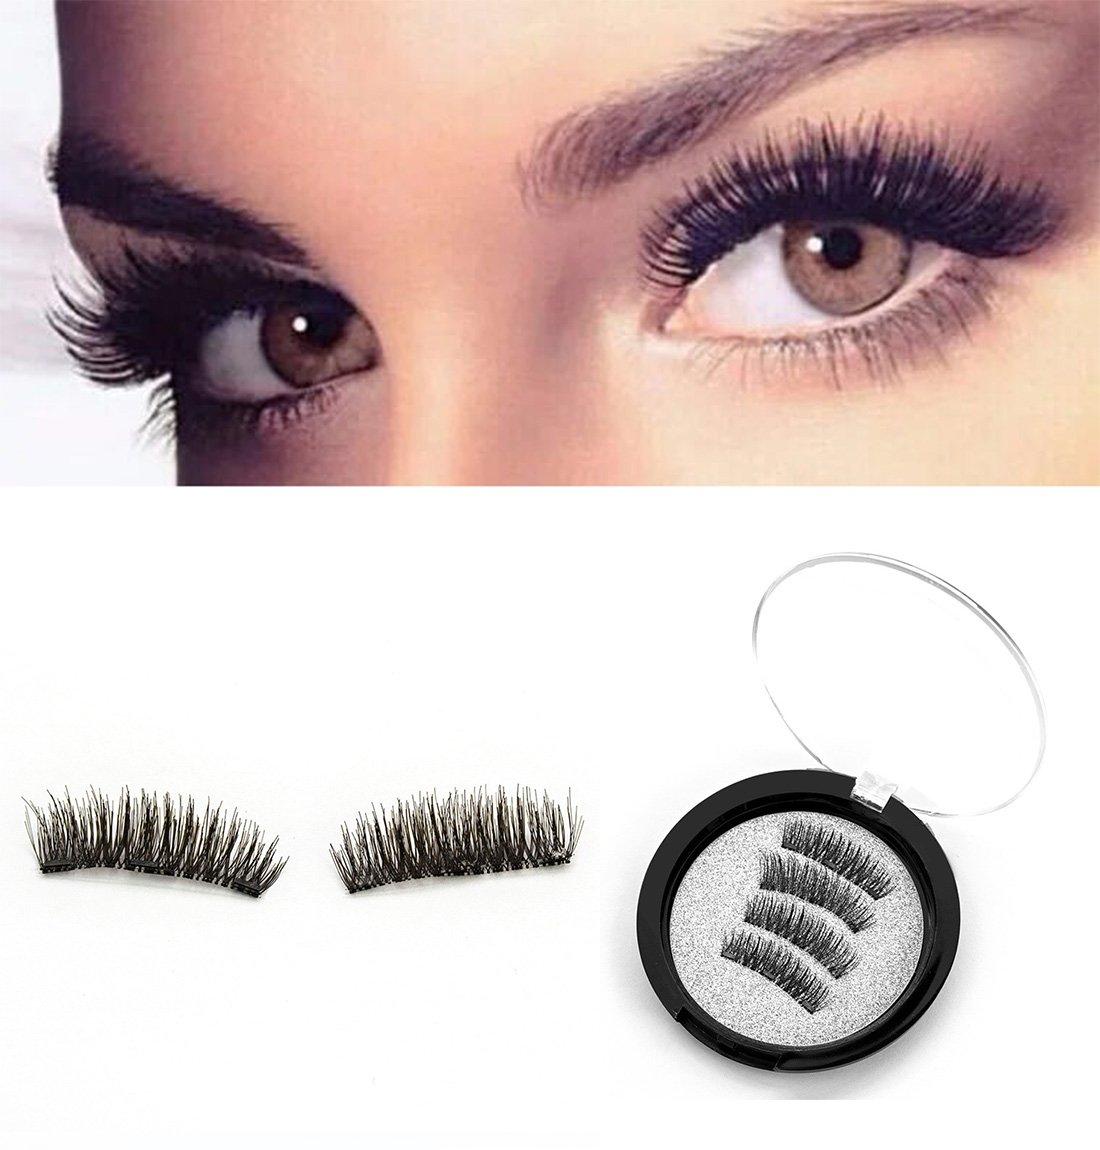 86a0fbbdc7a Amazon.com : Reusable Magnetic Lashes False Eyelashes Natural Look & 100%  Handmade & False Eyelashes : Beauty